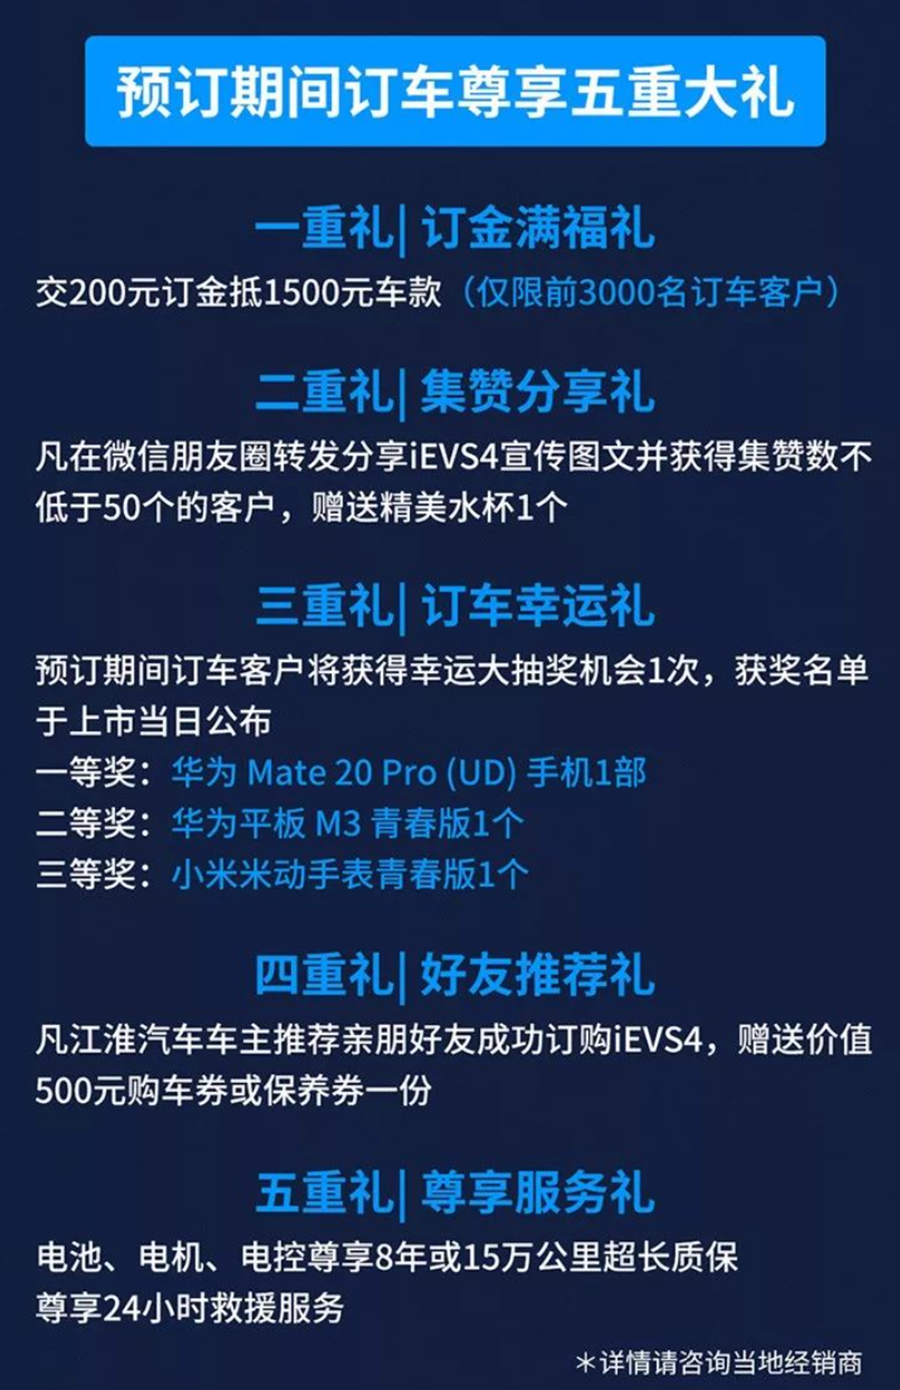 江淮iEVS4正式开启预订 预订价格13万元起